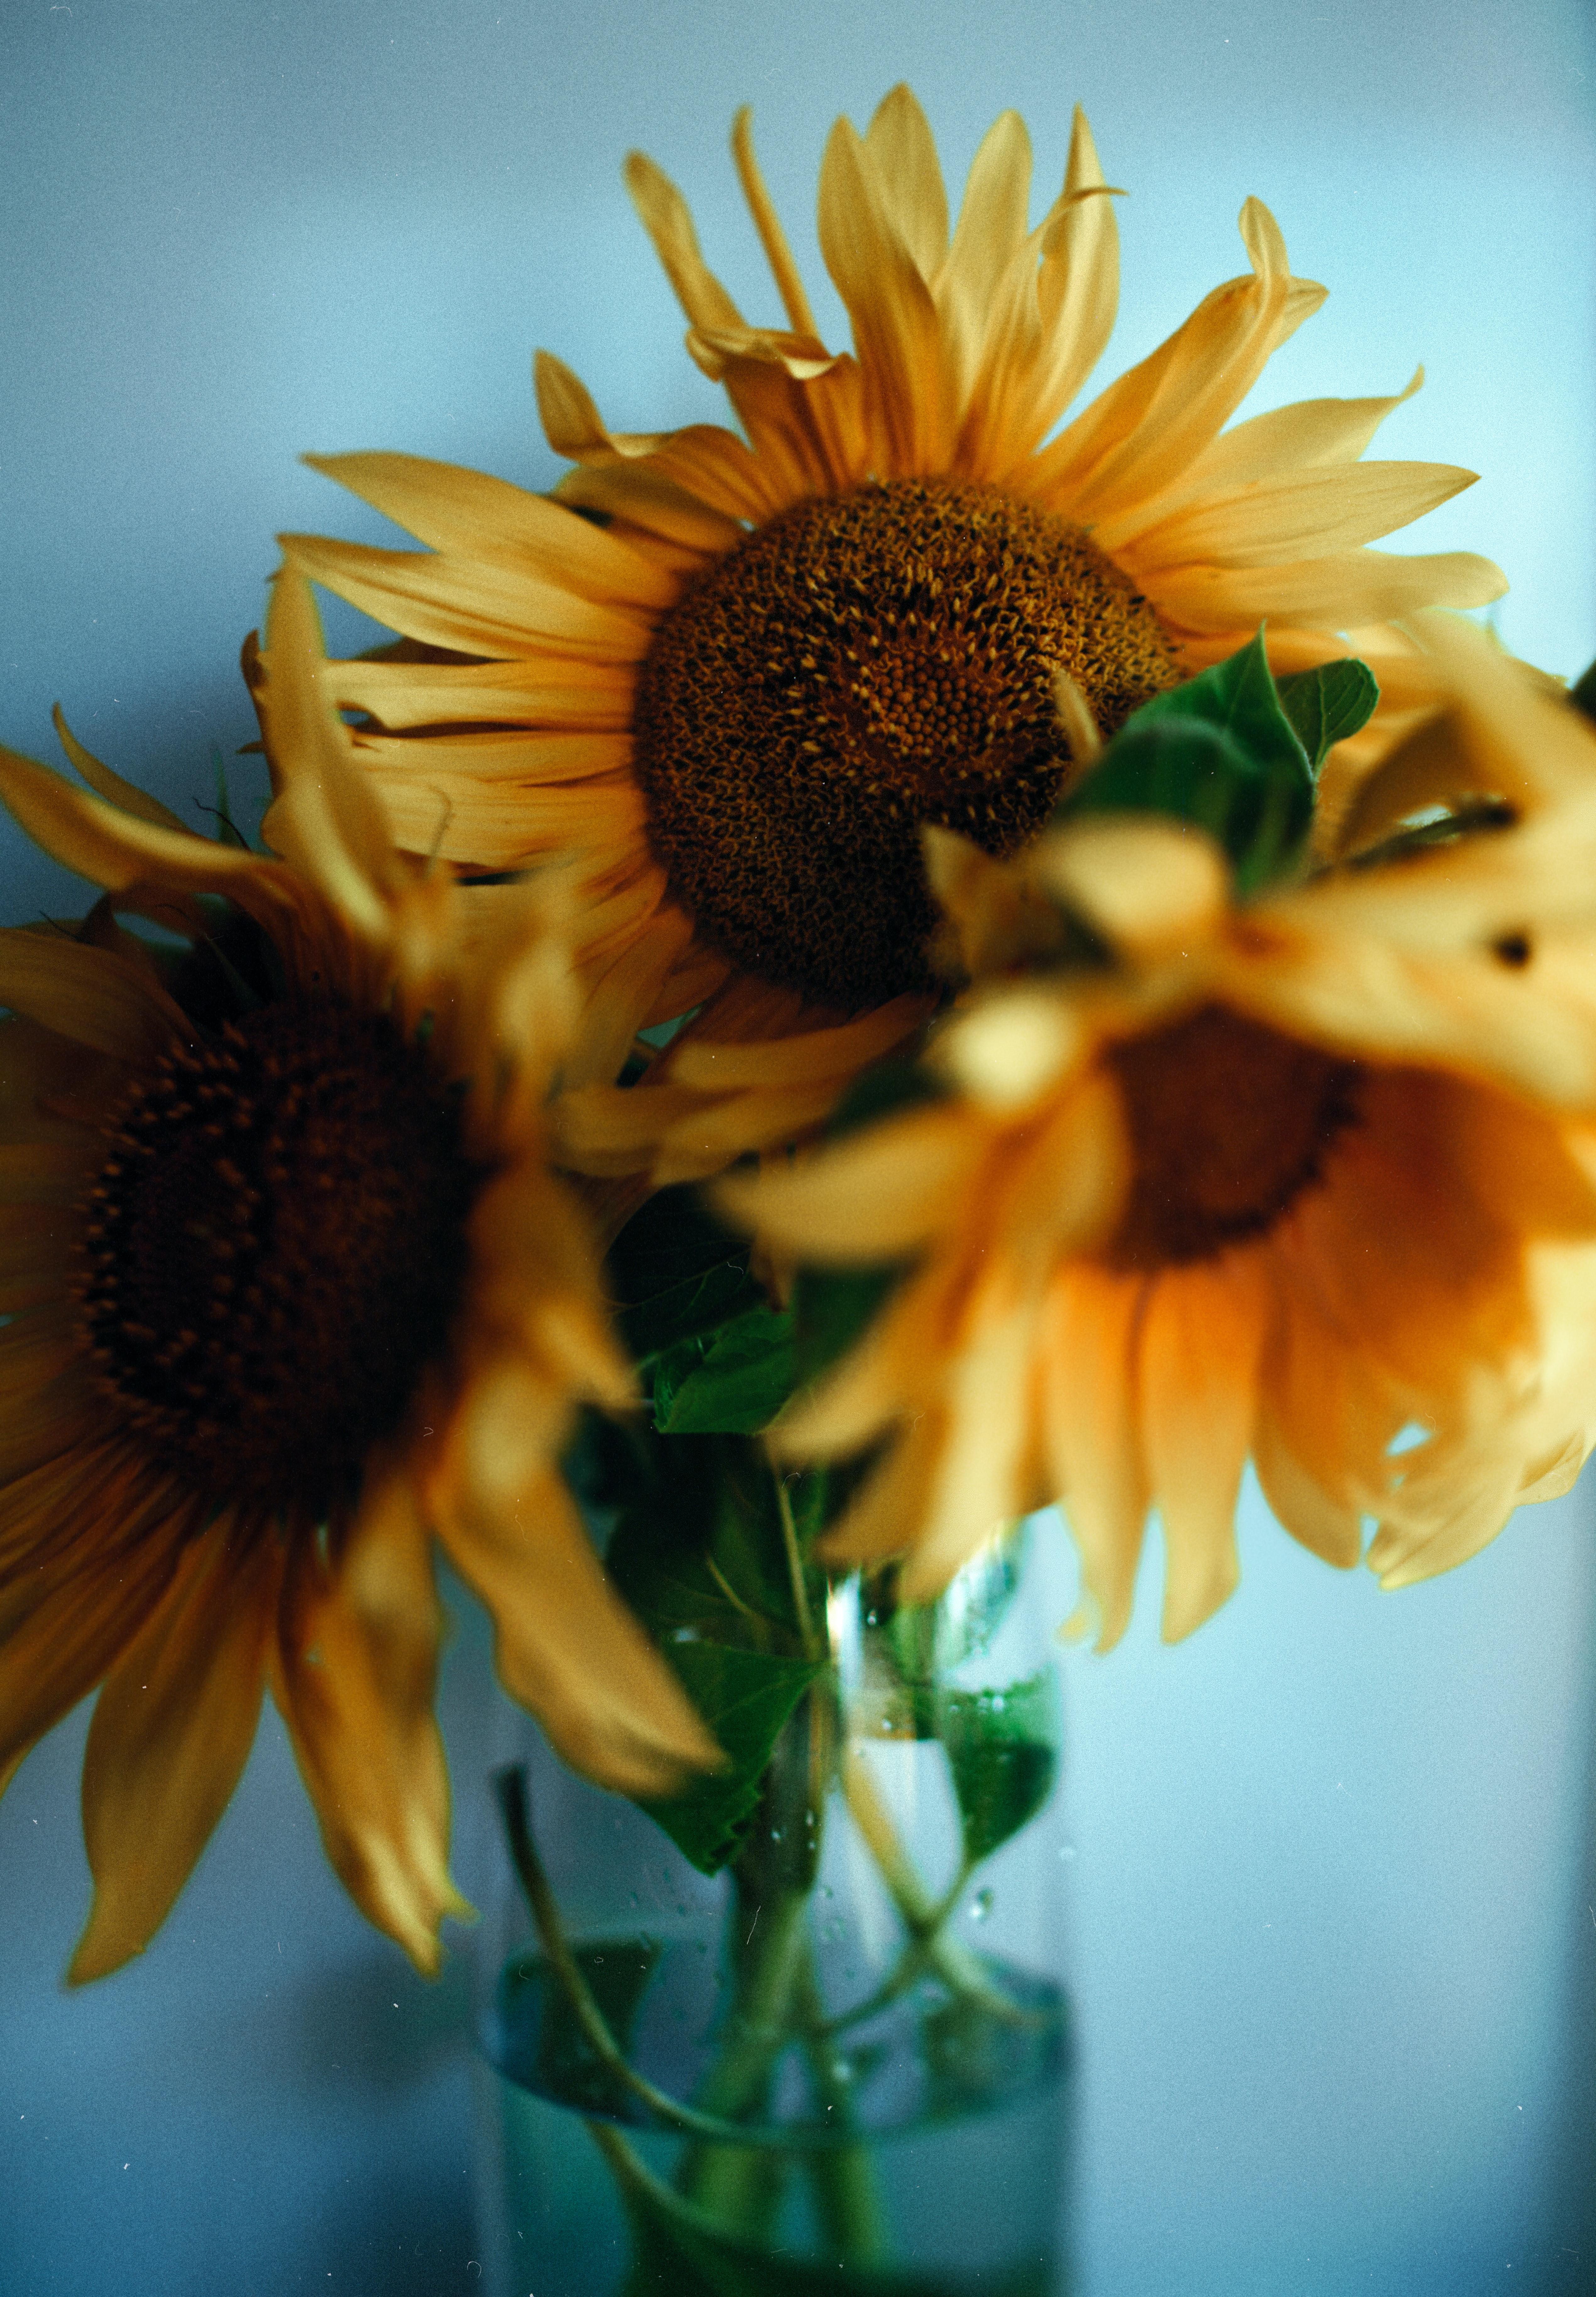 116520 Заставки и Обои Подсолнухи на телефон. Скачать Цветы, Букет, Ваза, Желтый, Подсолнухи картинки бесплатно